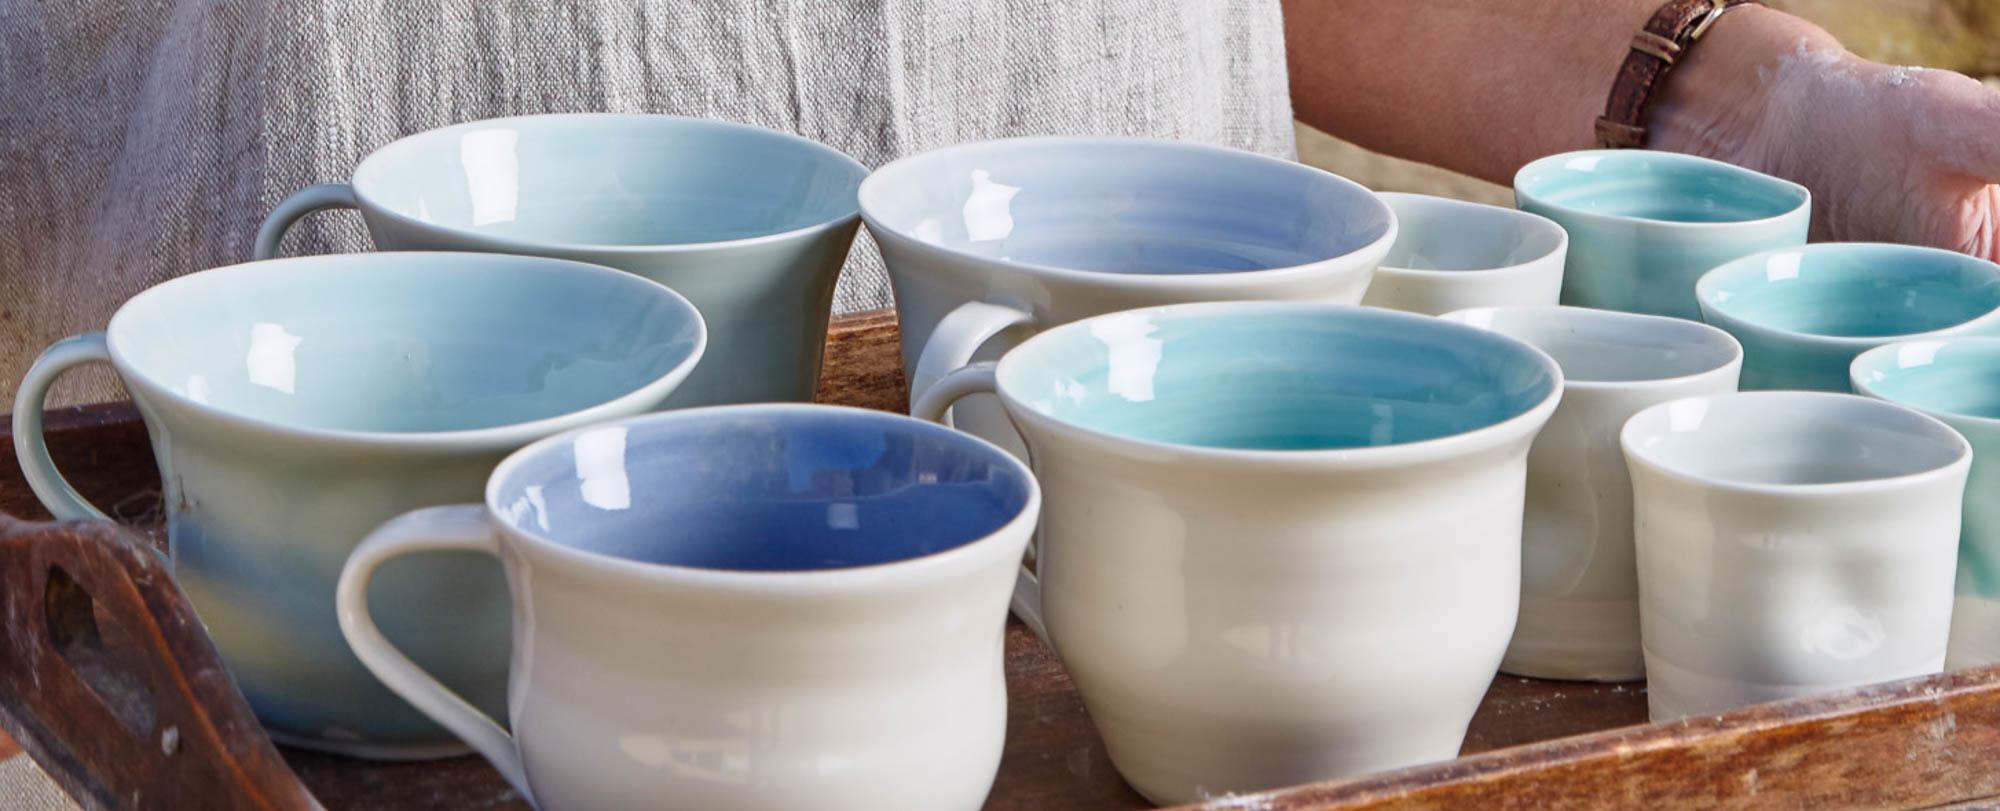 finished-porcelain-cups.jpg